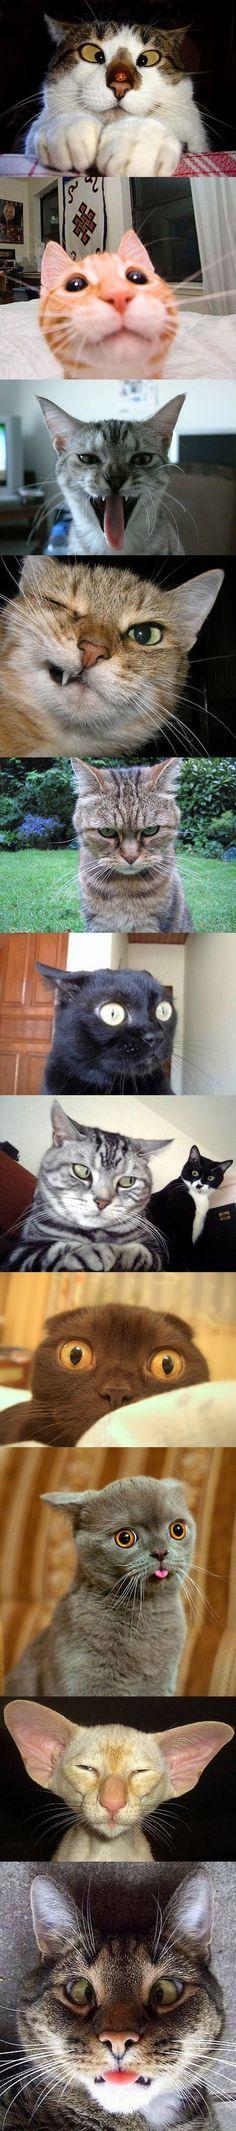 Gatos con caras graciosas.